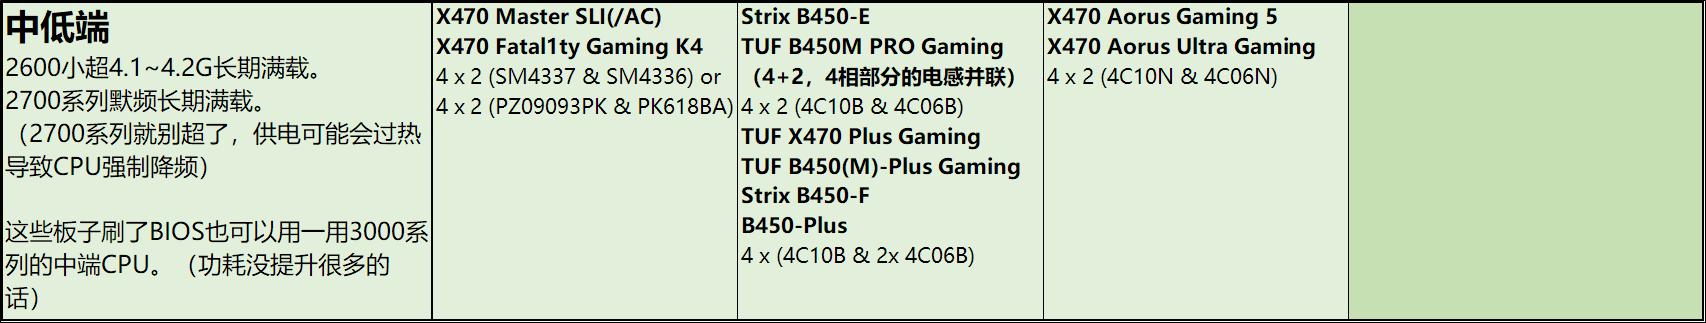 技嘉主板怎么样_AMD主板供电天梯图V1.7版+购买建议 - 哔哩哔哩